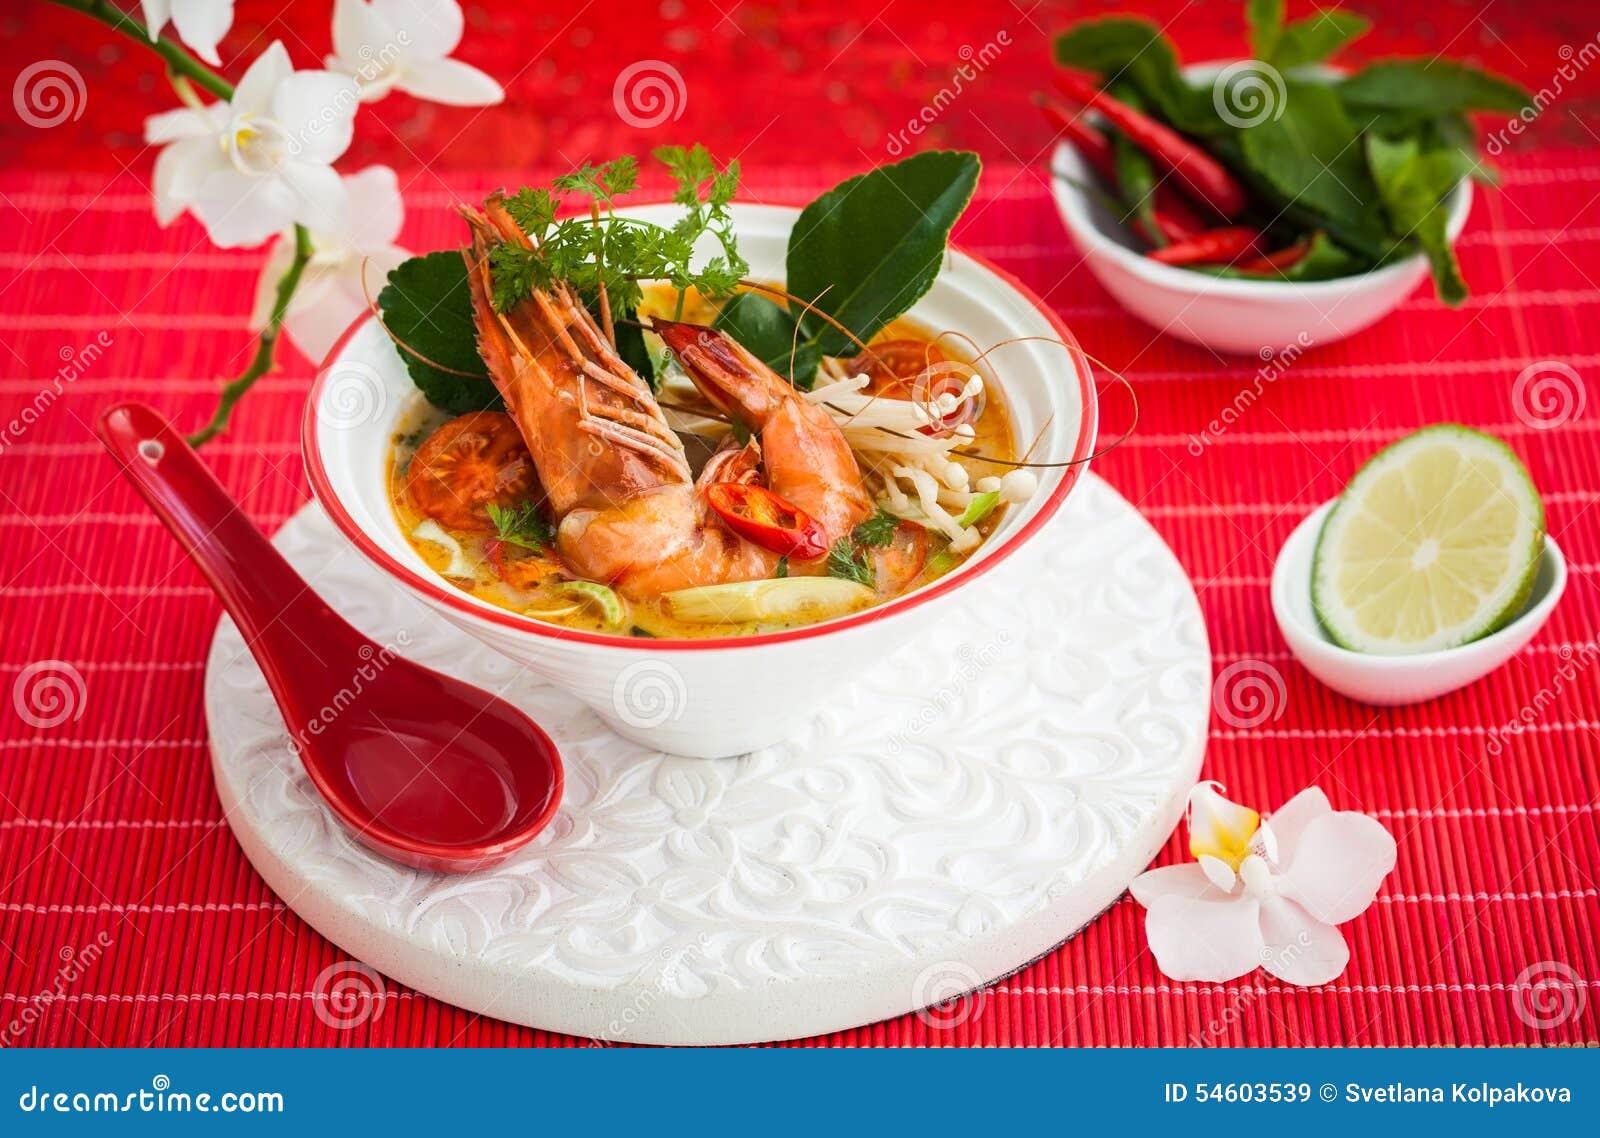 Suppe Tom-Yum